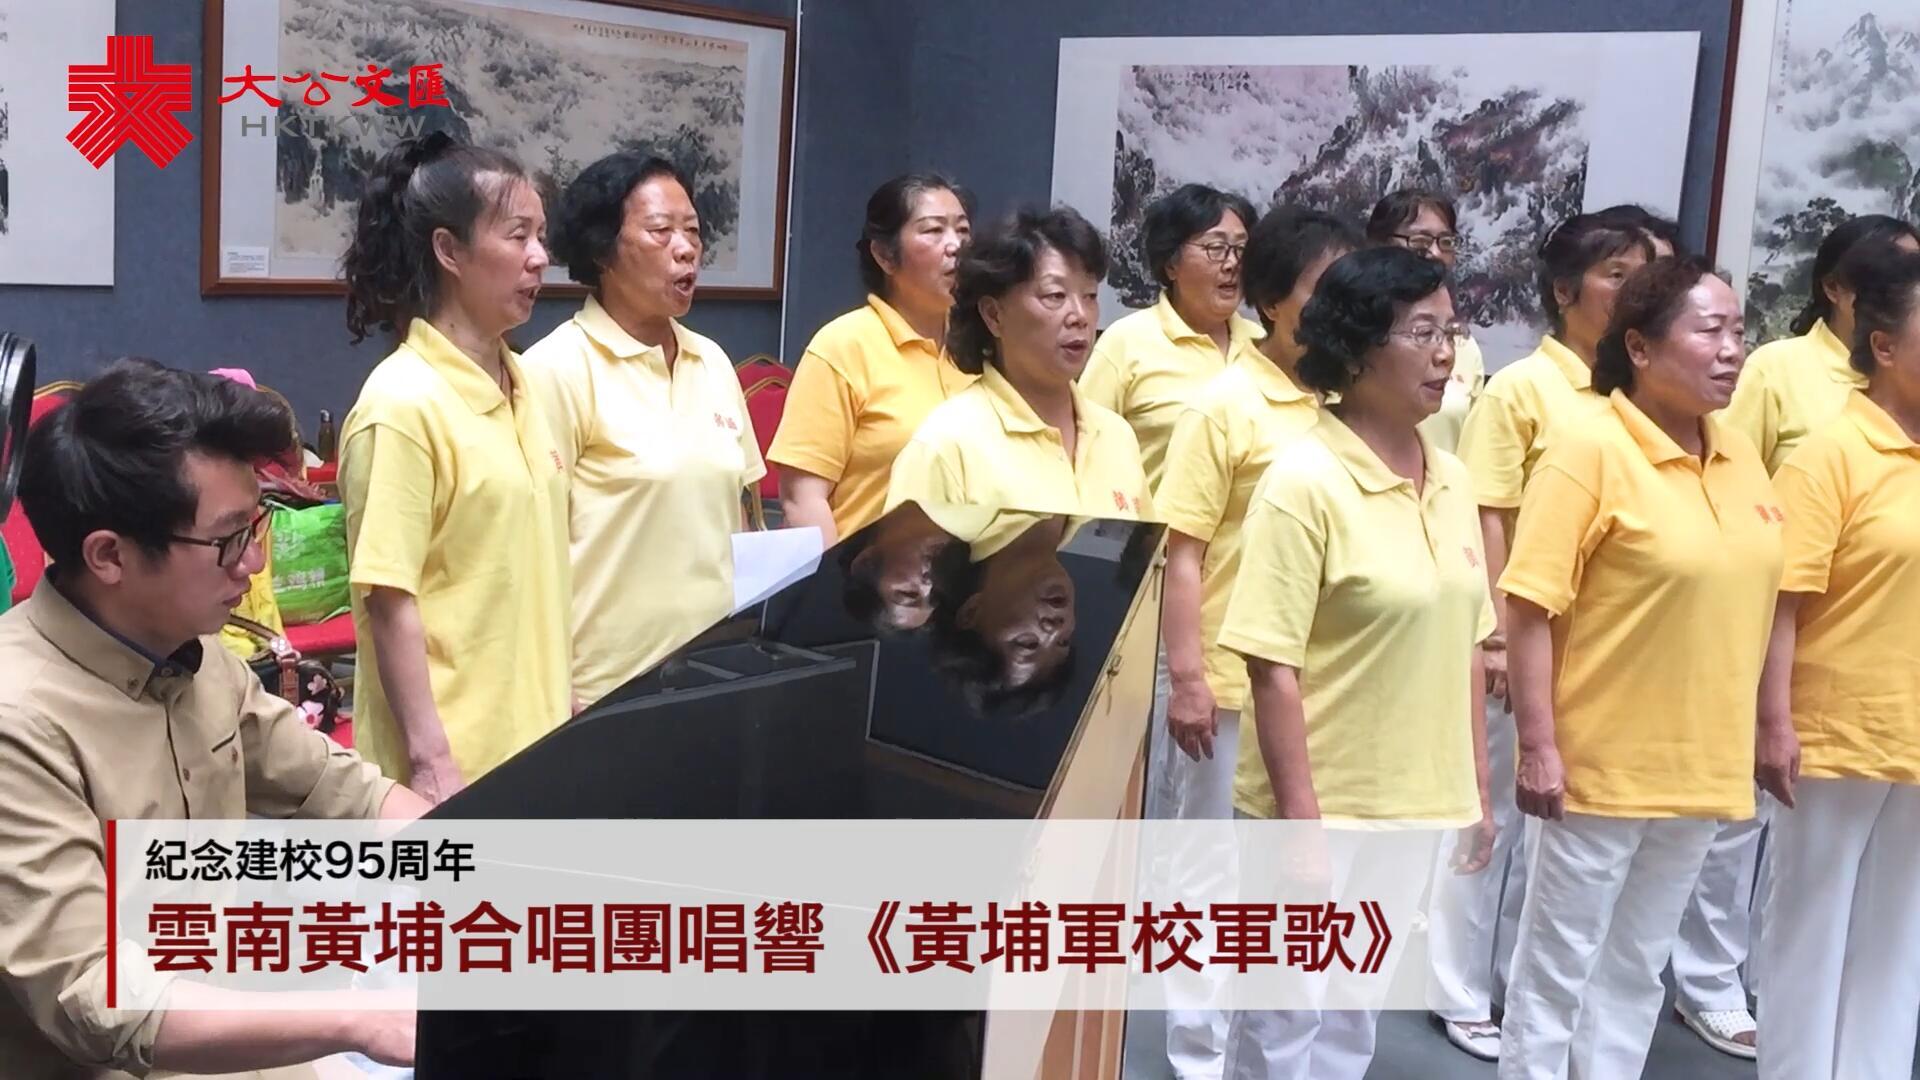 賀黃埔軍校建校95周年 雲南黃埔合唱團唱響軍歌